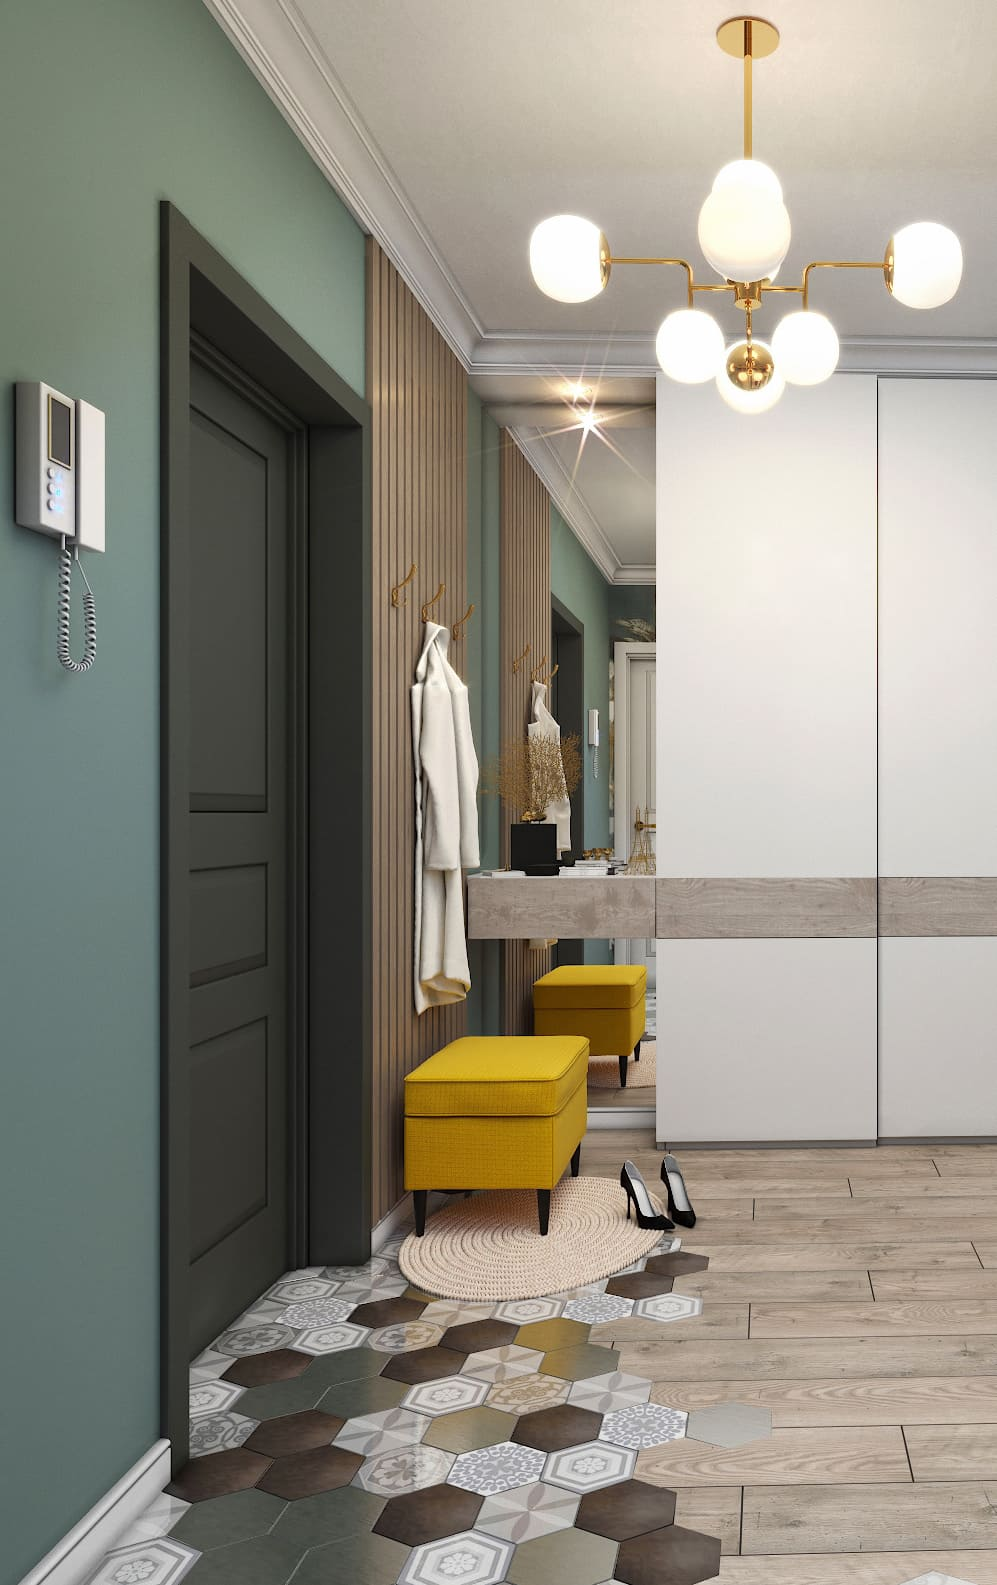 design d'intérieur couloir photo 12